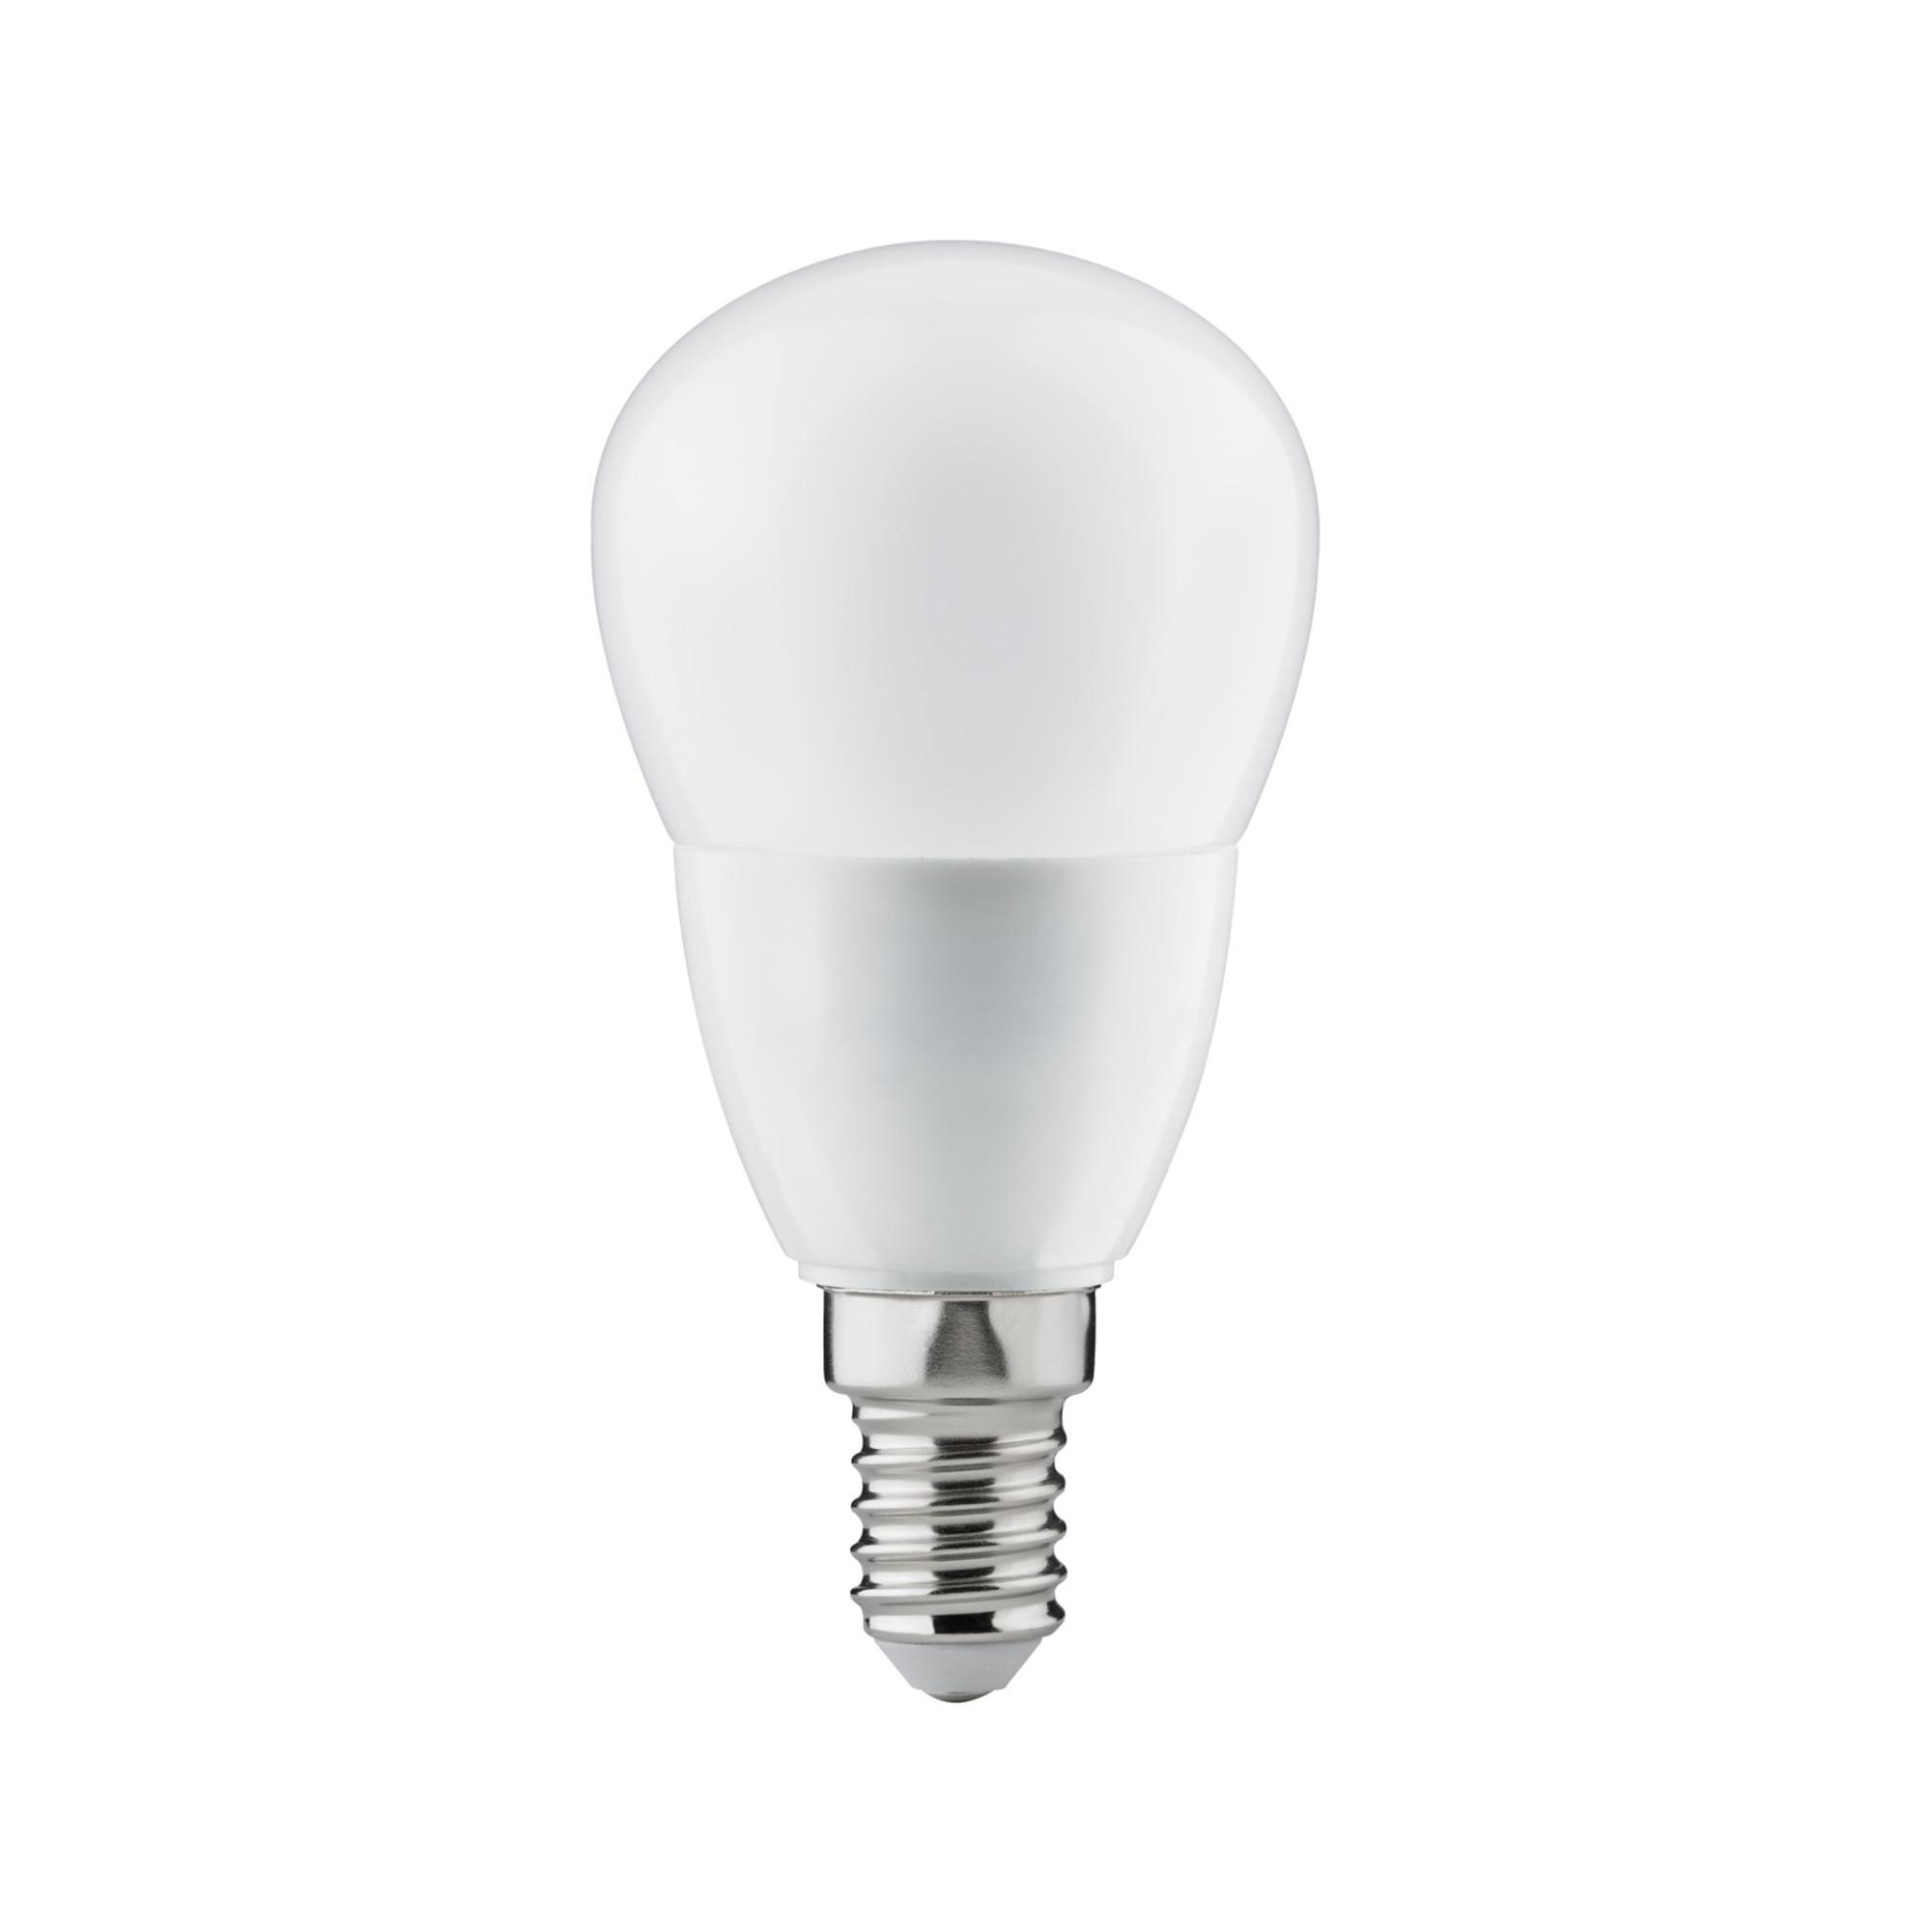 Лампа светодиодная Paulmann Premium Капля 6Вт 470лм 2700К E14 230В Опал Дим. 28467.